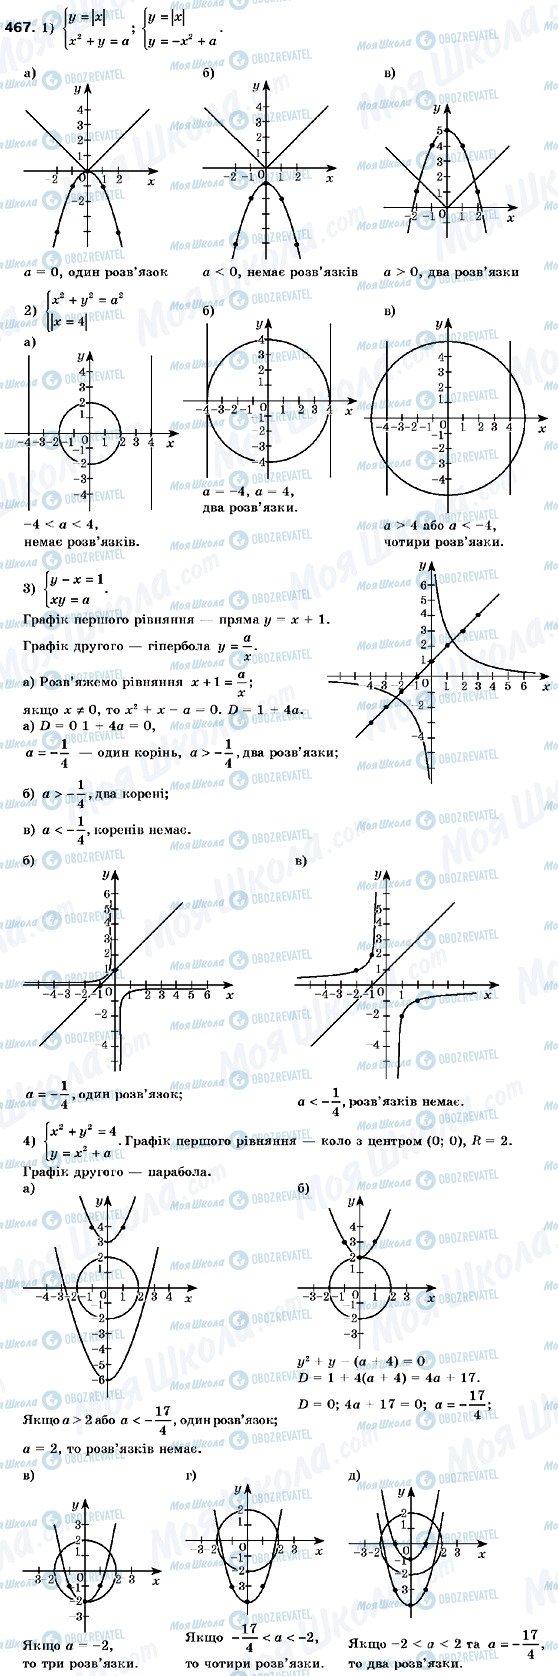 ГДЗ Алгебра 9 класс страница 467